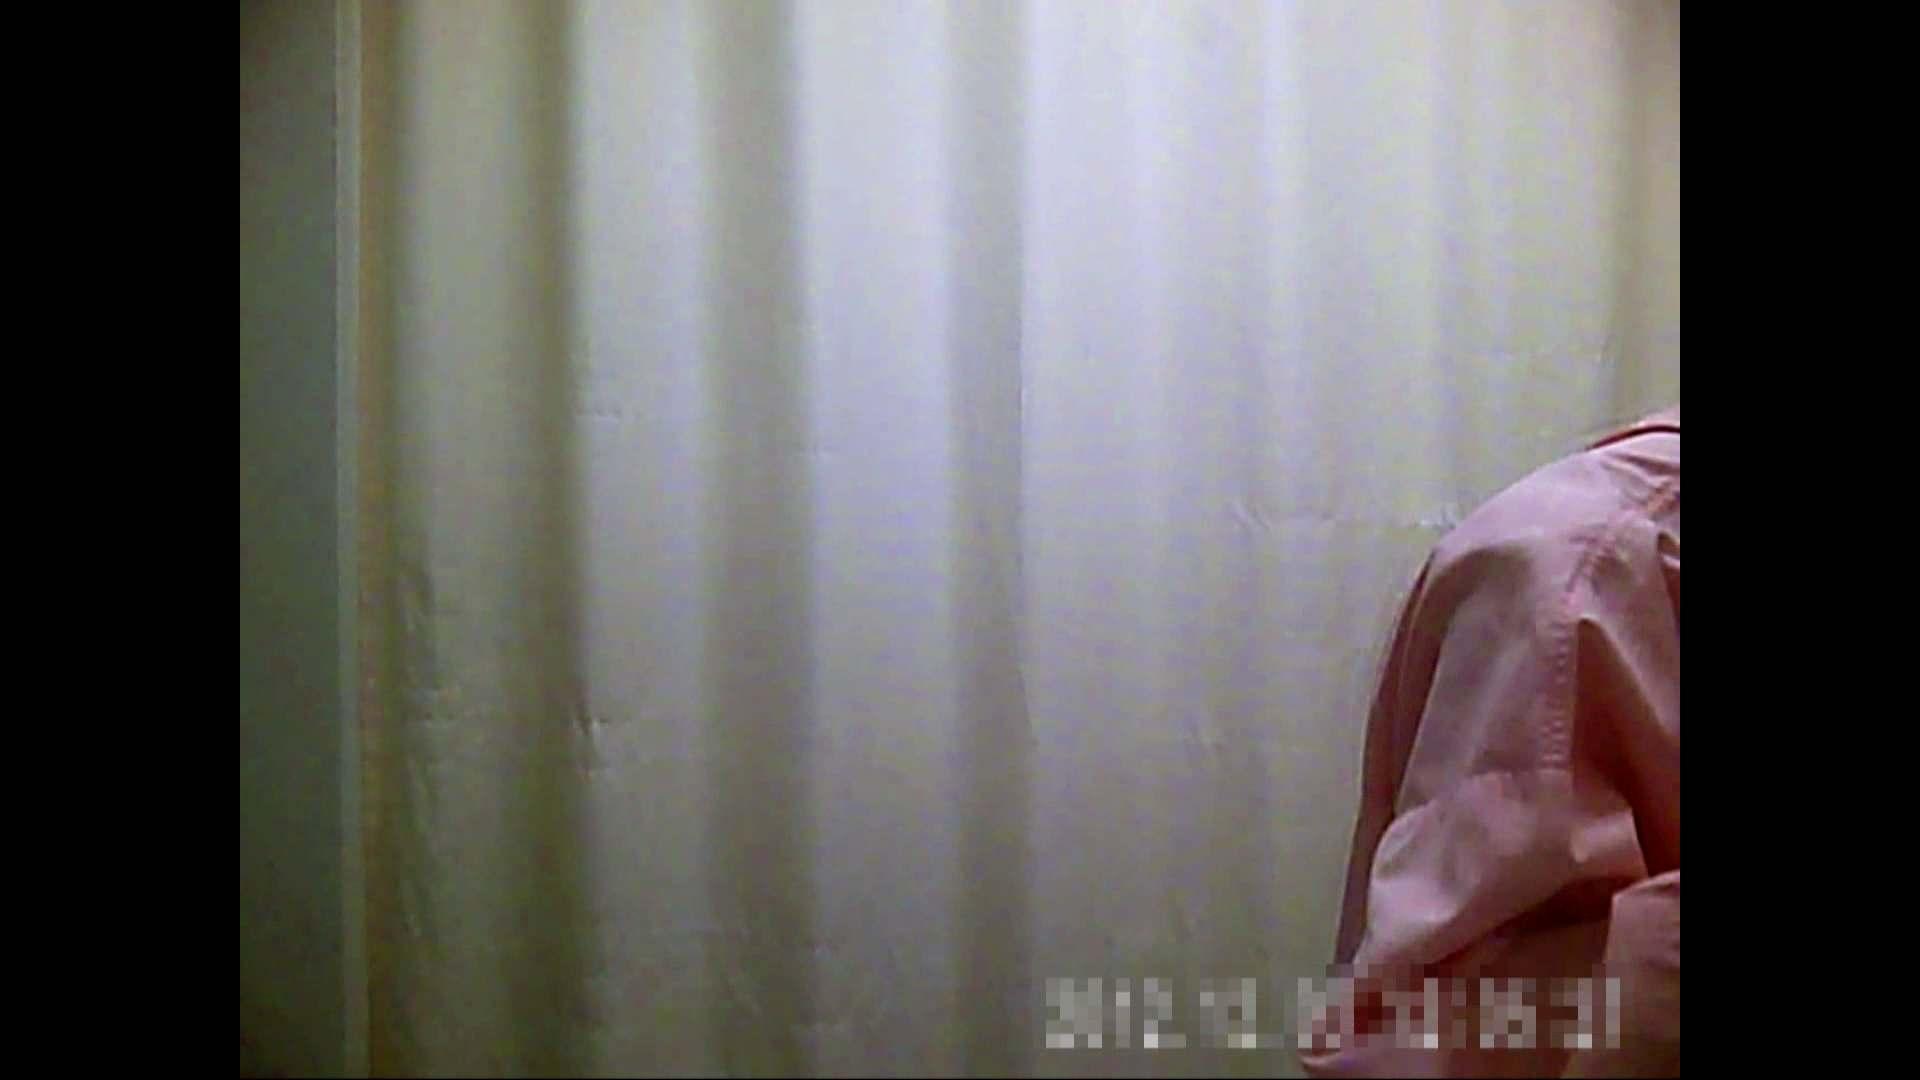 元医者による反抗 更衣室地獄絵巻 vol.130 OL  56pic 26